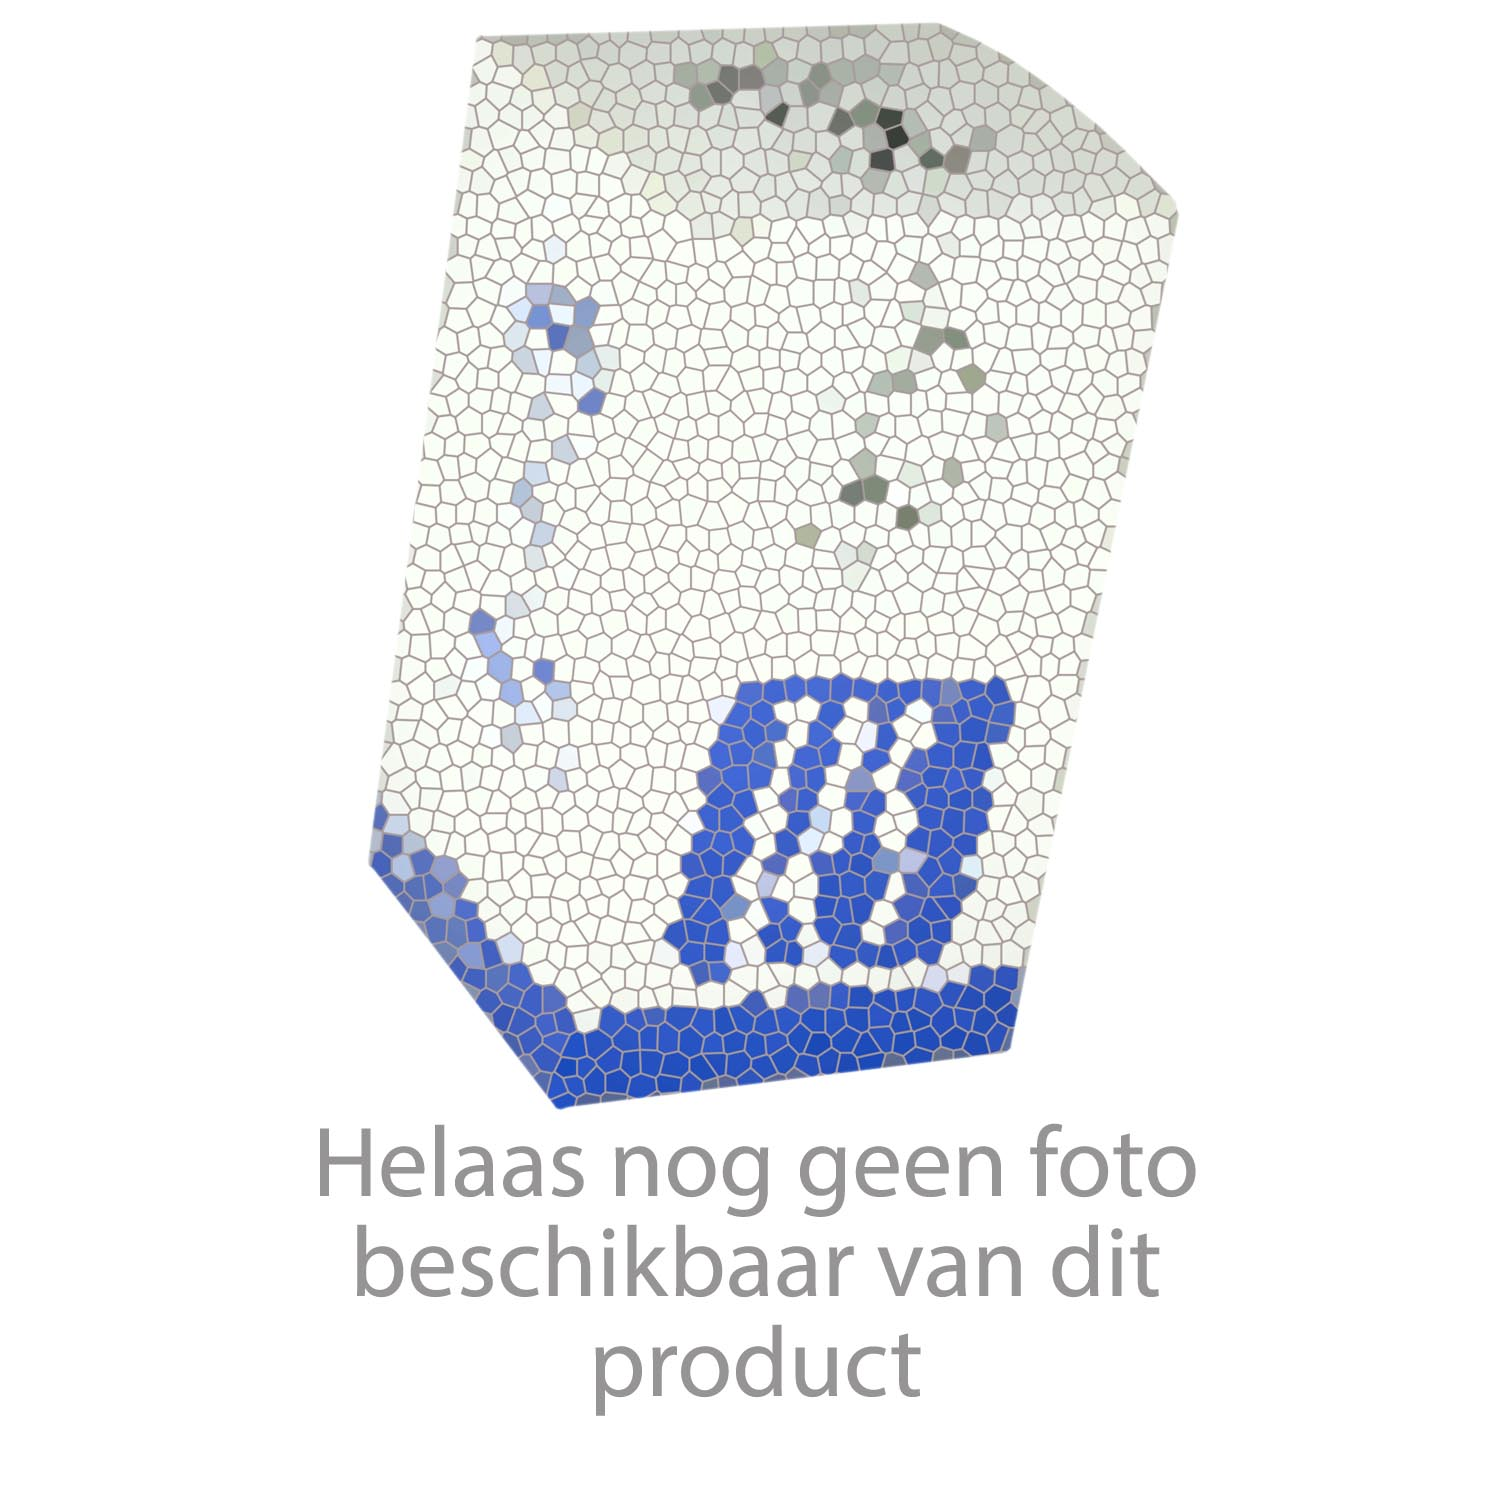 HansGrohe Afvoer- en overloopgarnituren Afvoer- en kopphebelgarnitur productiejaar 01/77 - 03/01 51380 onderdelen